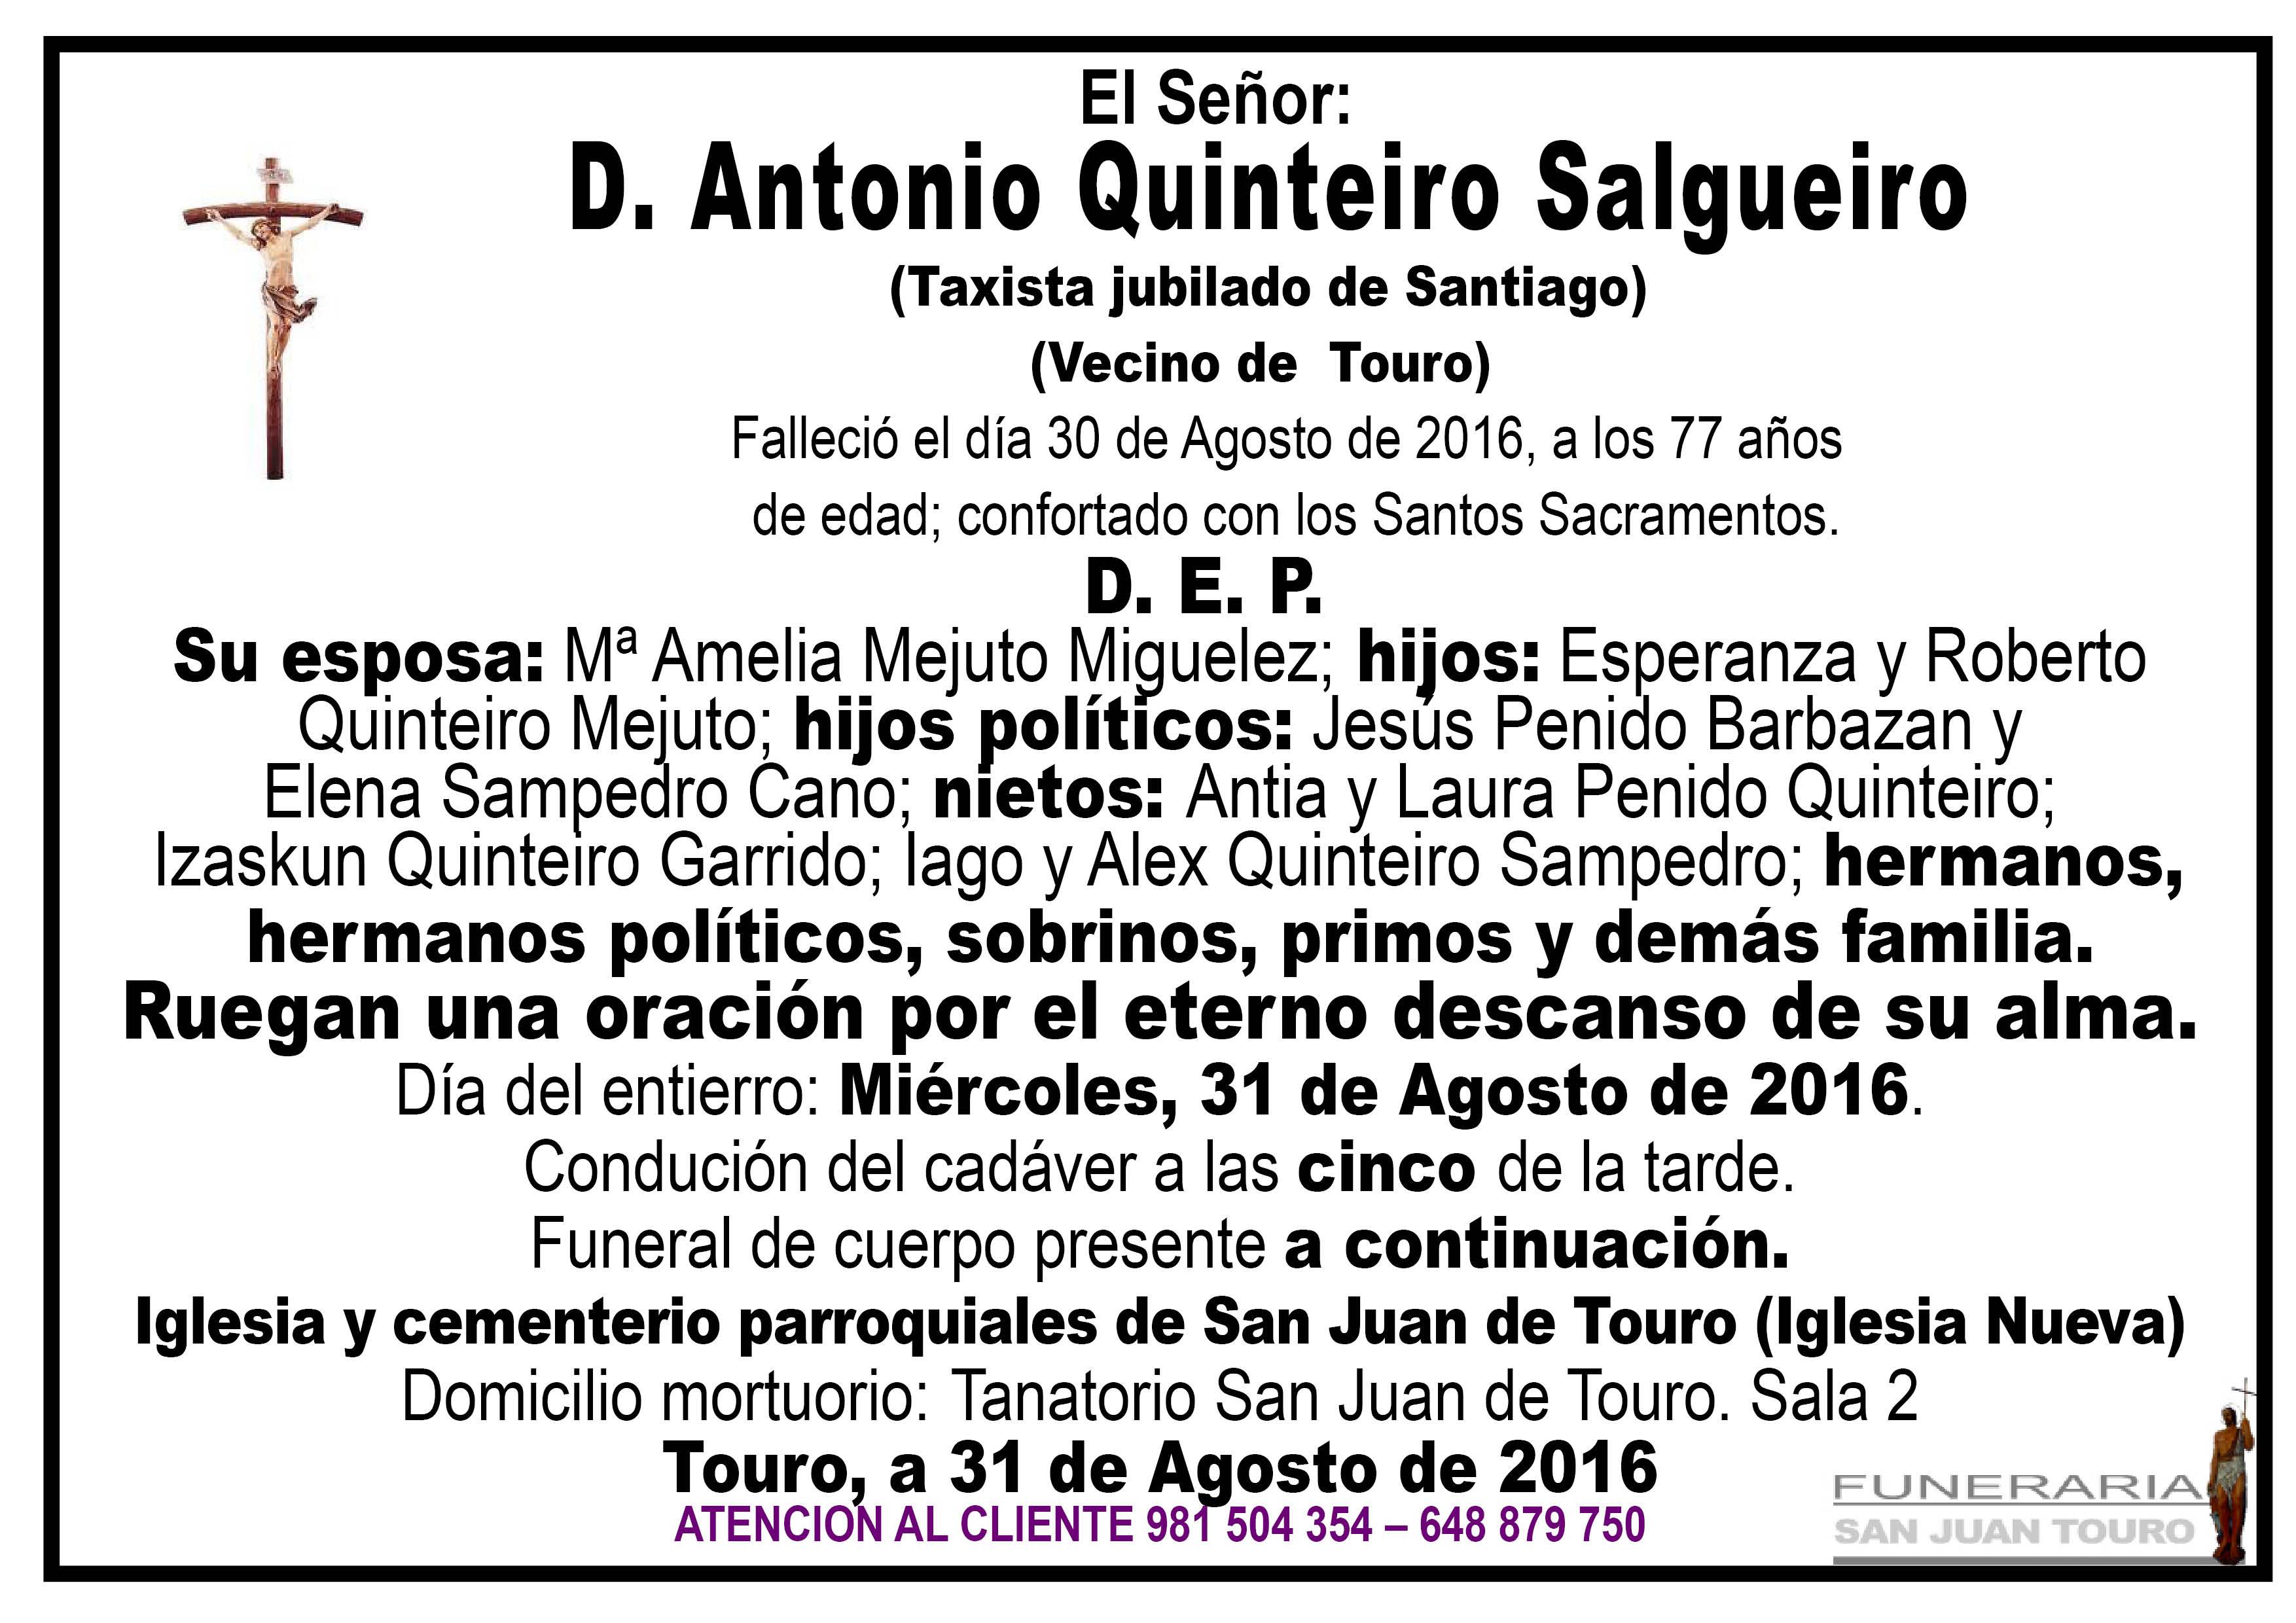 Esquela de SEPELIO D. ANTONIO QUINTEIRO SALGUEIRO